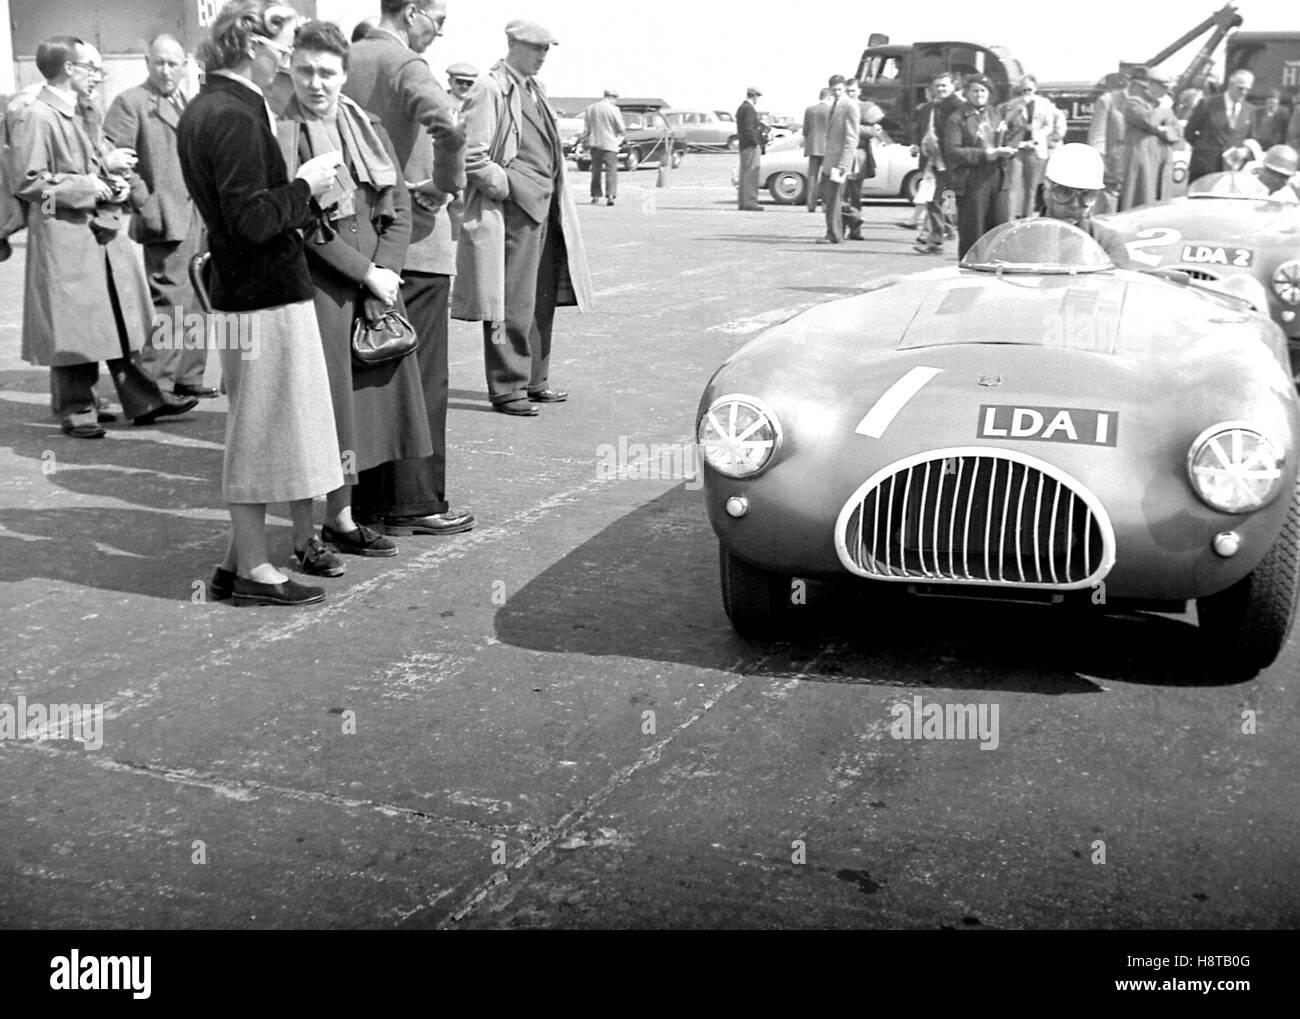 KIEFT SILVERSTONE 1954 coches deportivos del asiento central Imagen De Stock